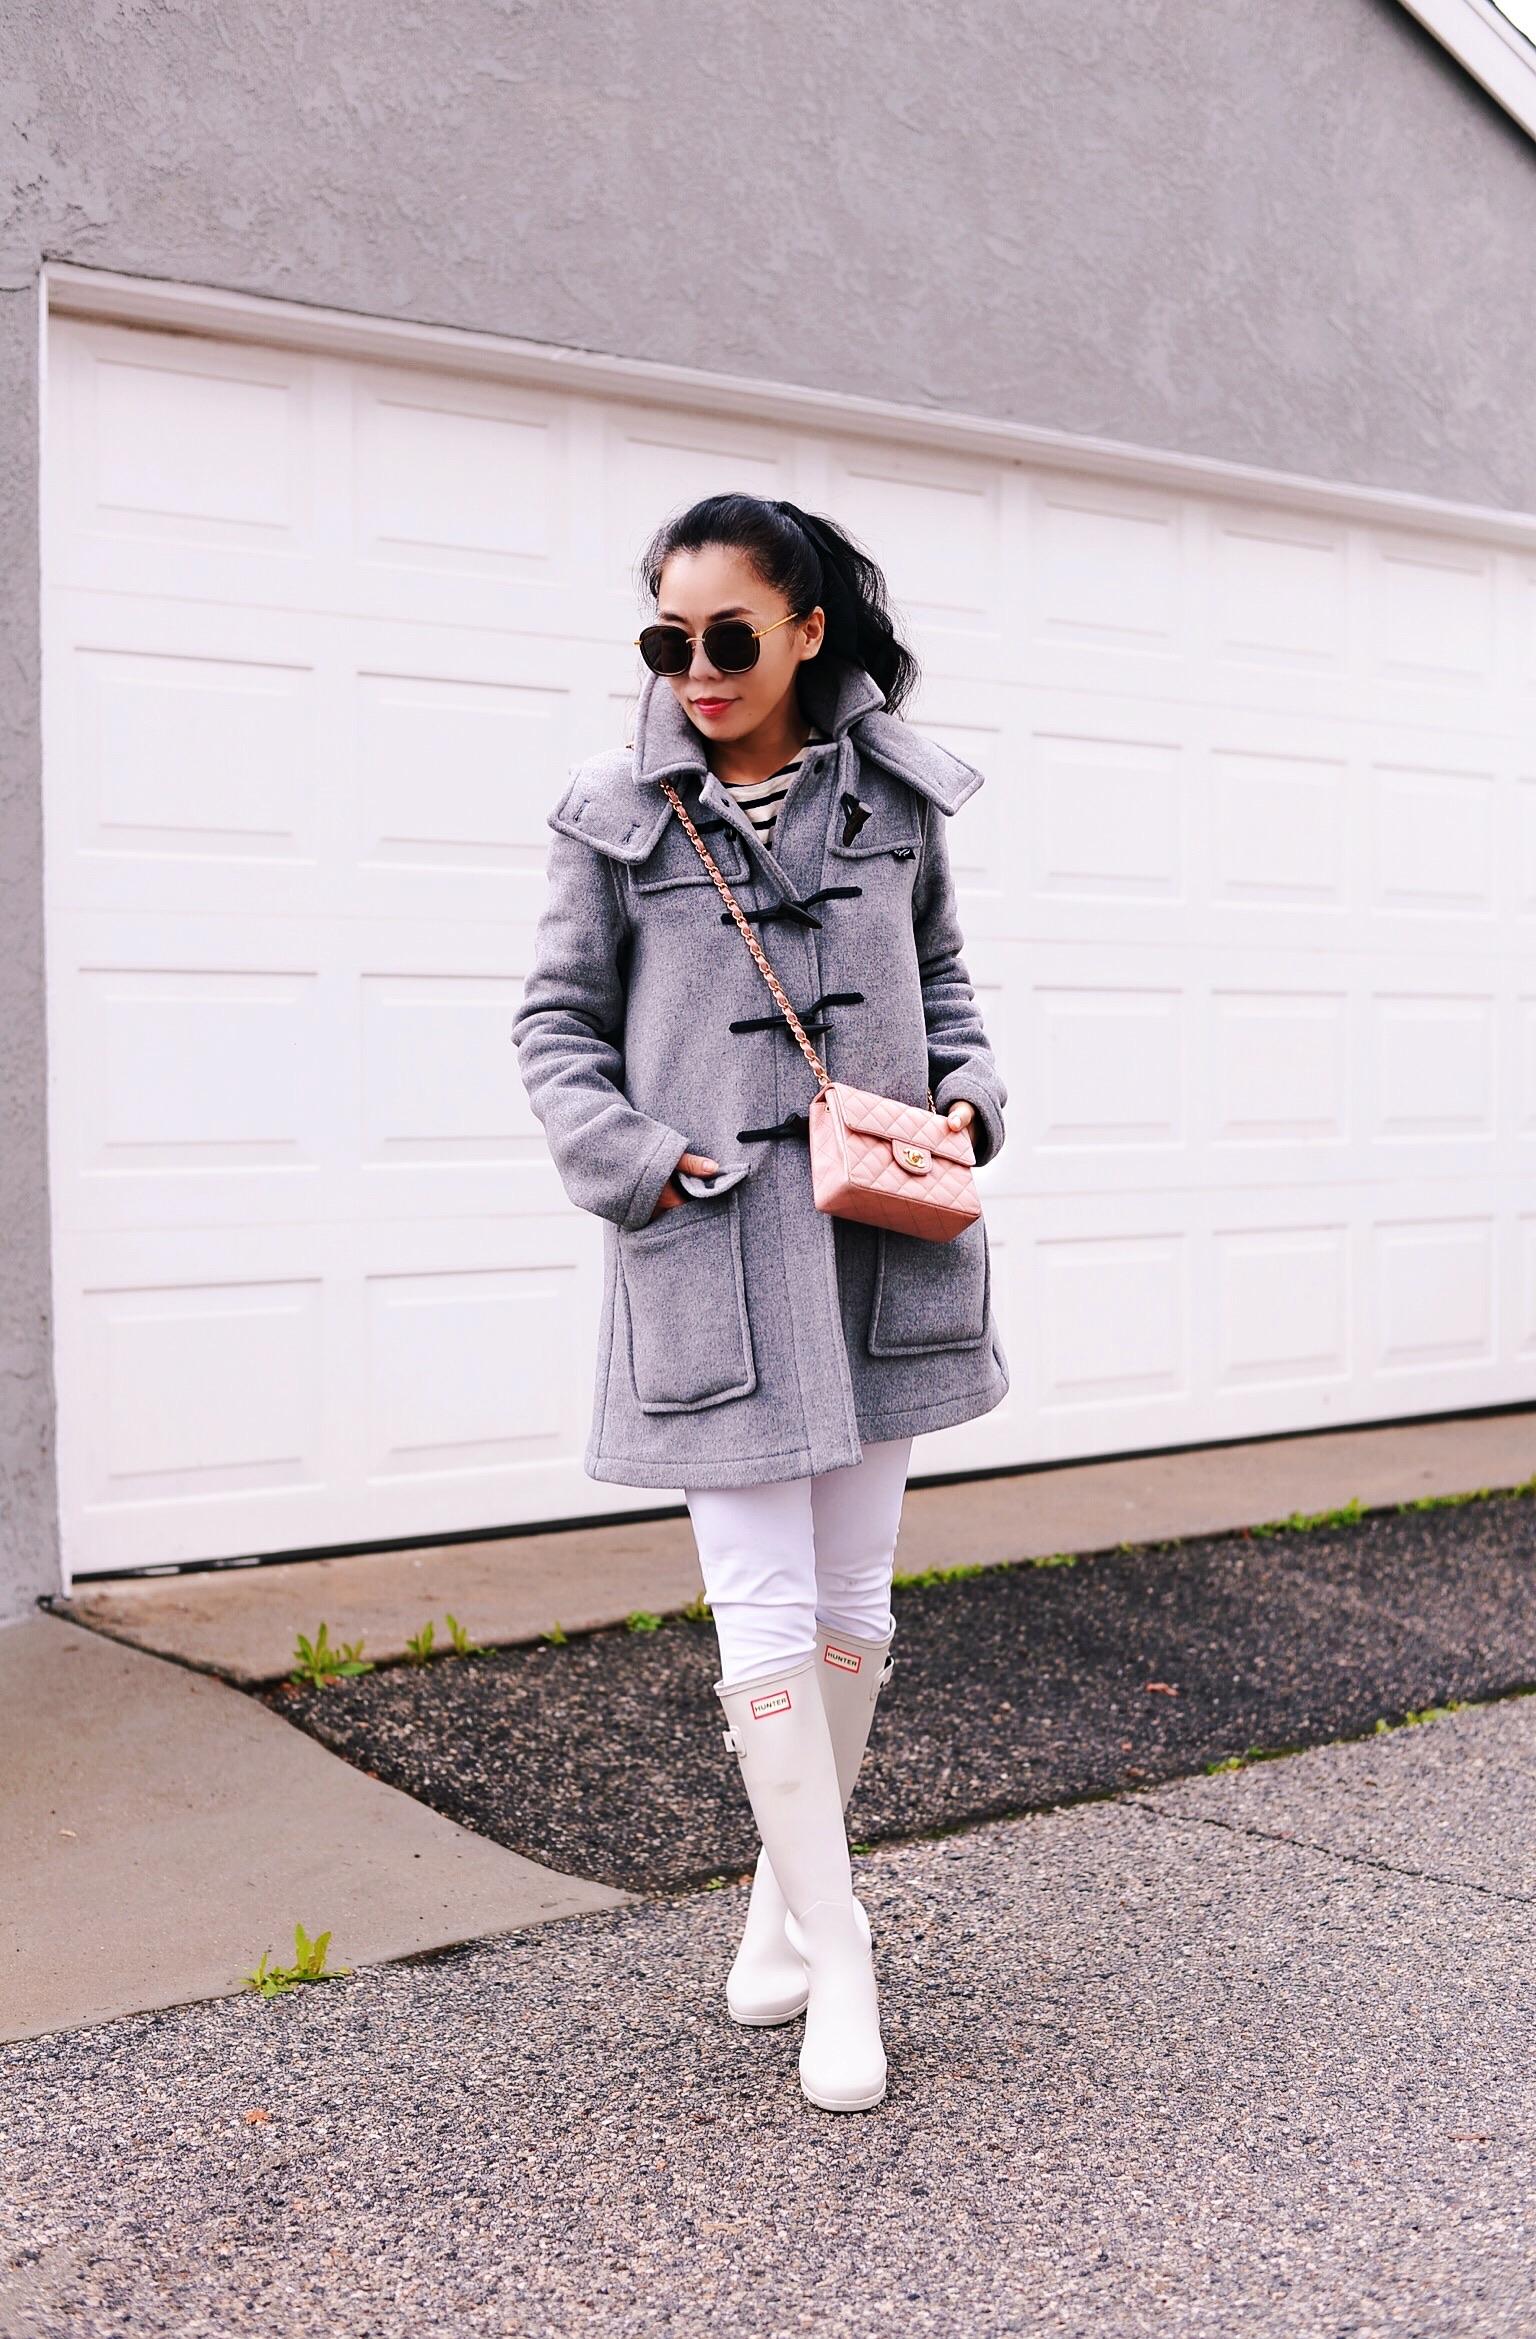 650bba053e47 Winter Rainy Day Style